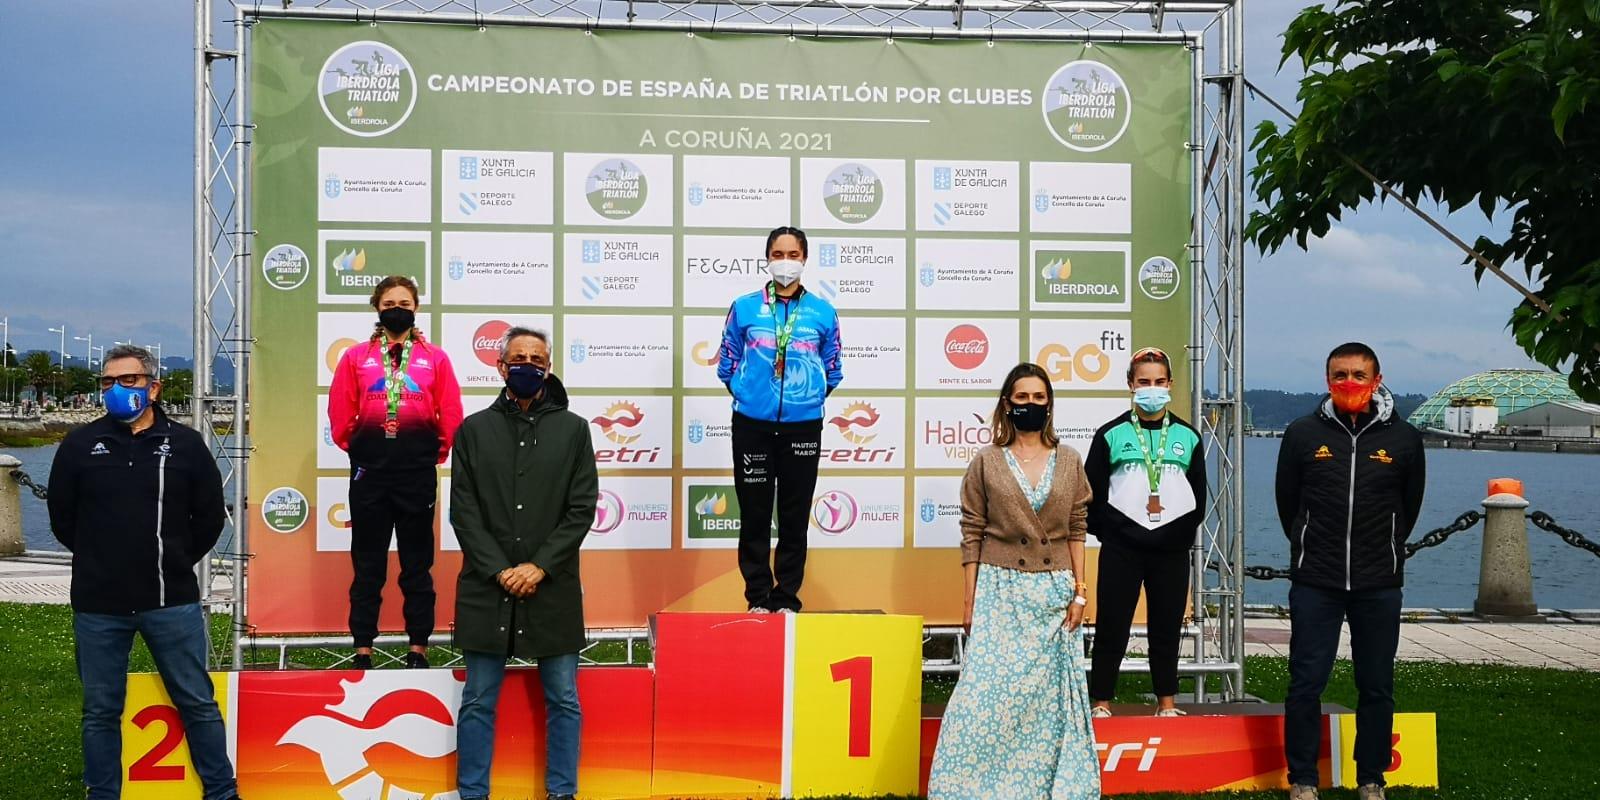 Náutico de Narón femenino y Saltoki Trikideak masculino ganan el Campeonato de España de Triatlón por Clubes